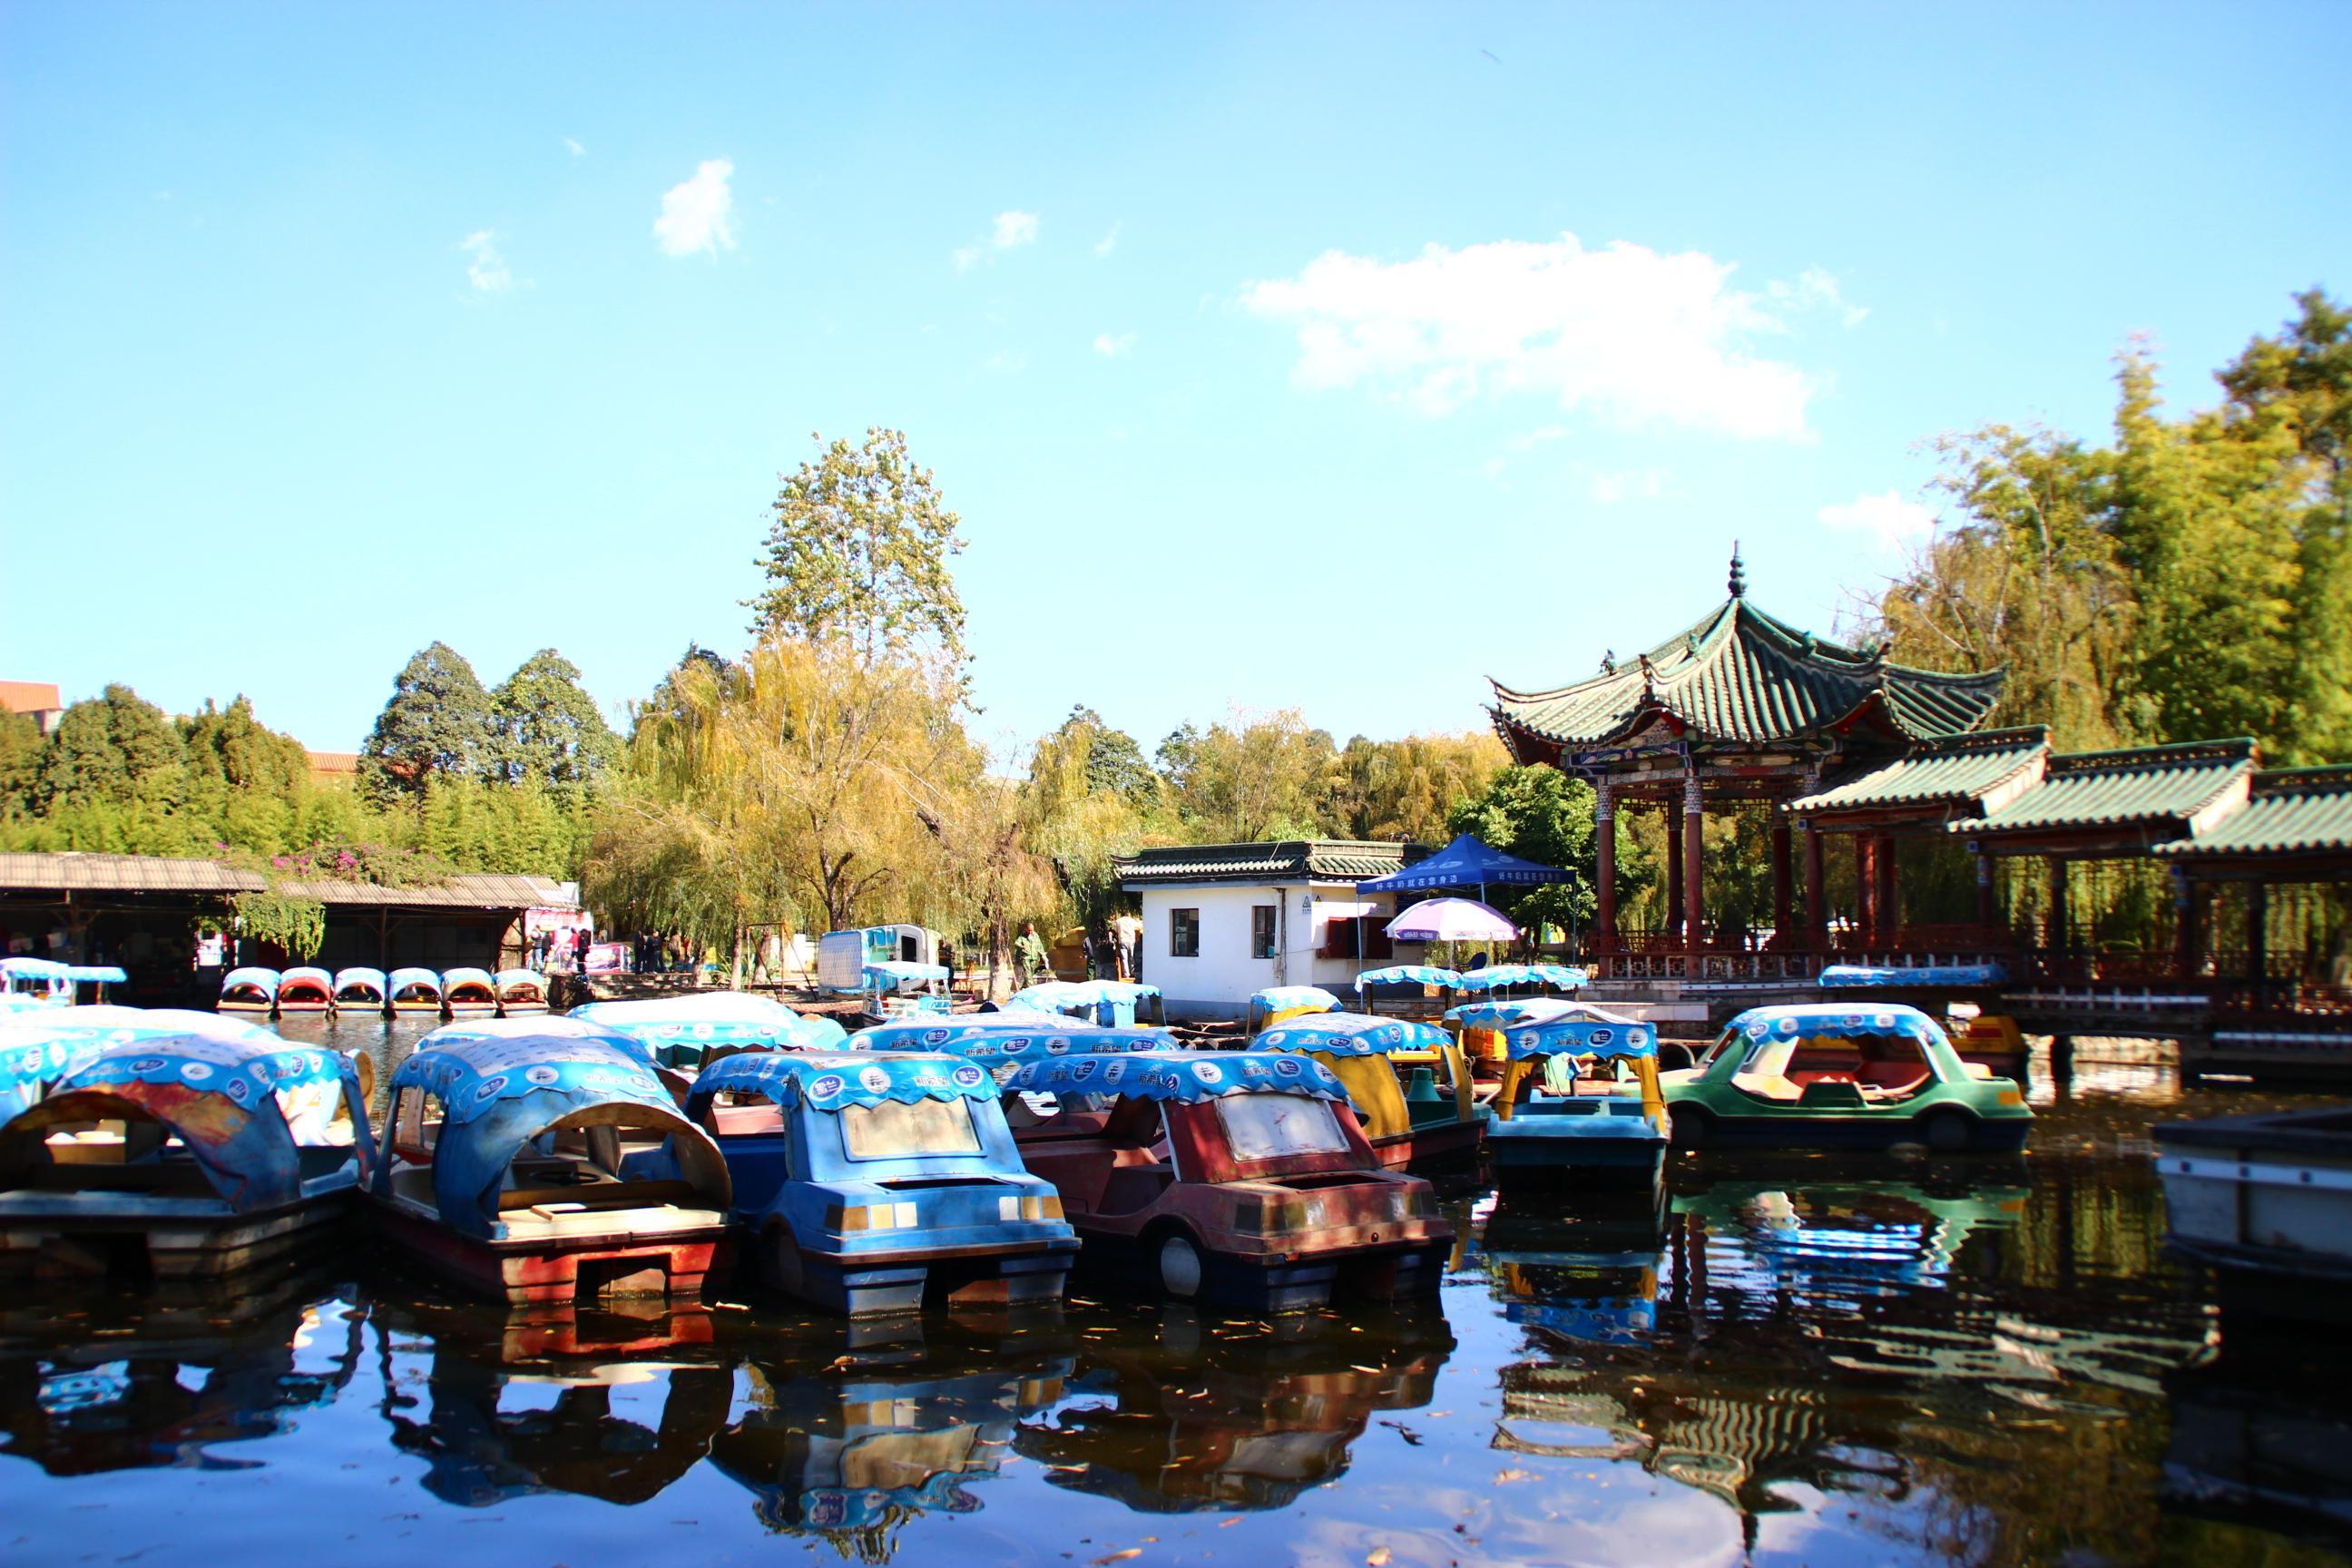 年后打算去云南旅游,怎样以最便宜的方法玩遍